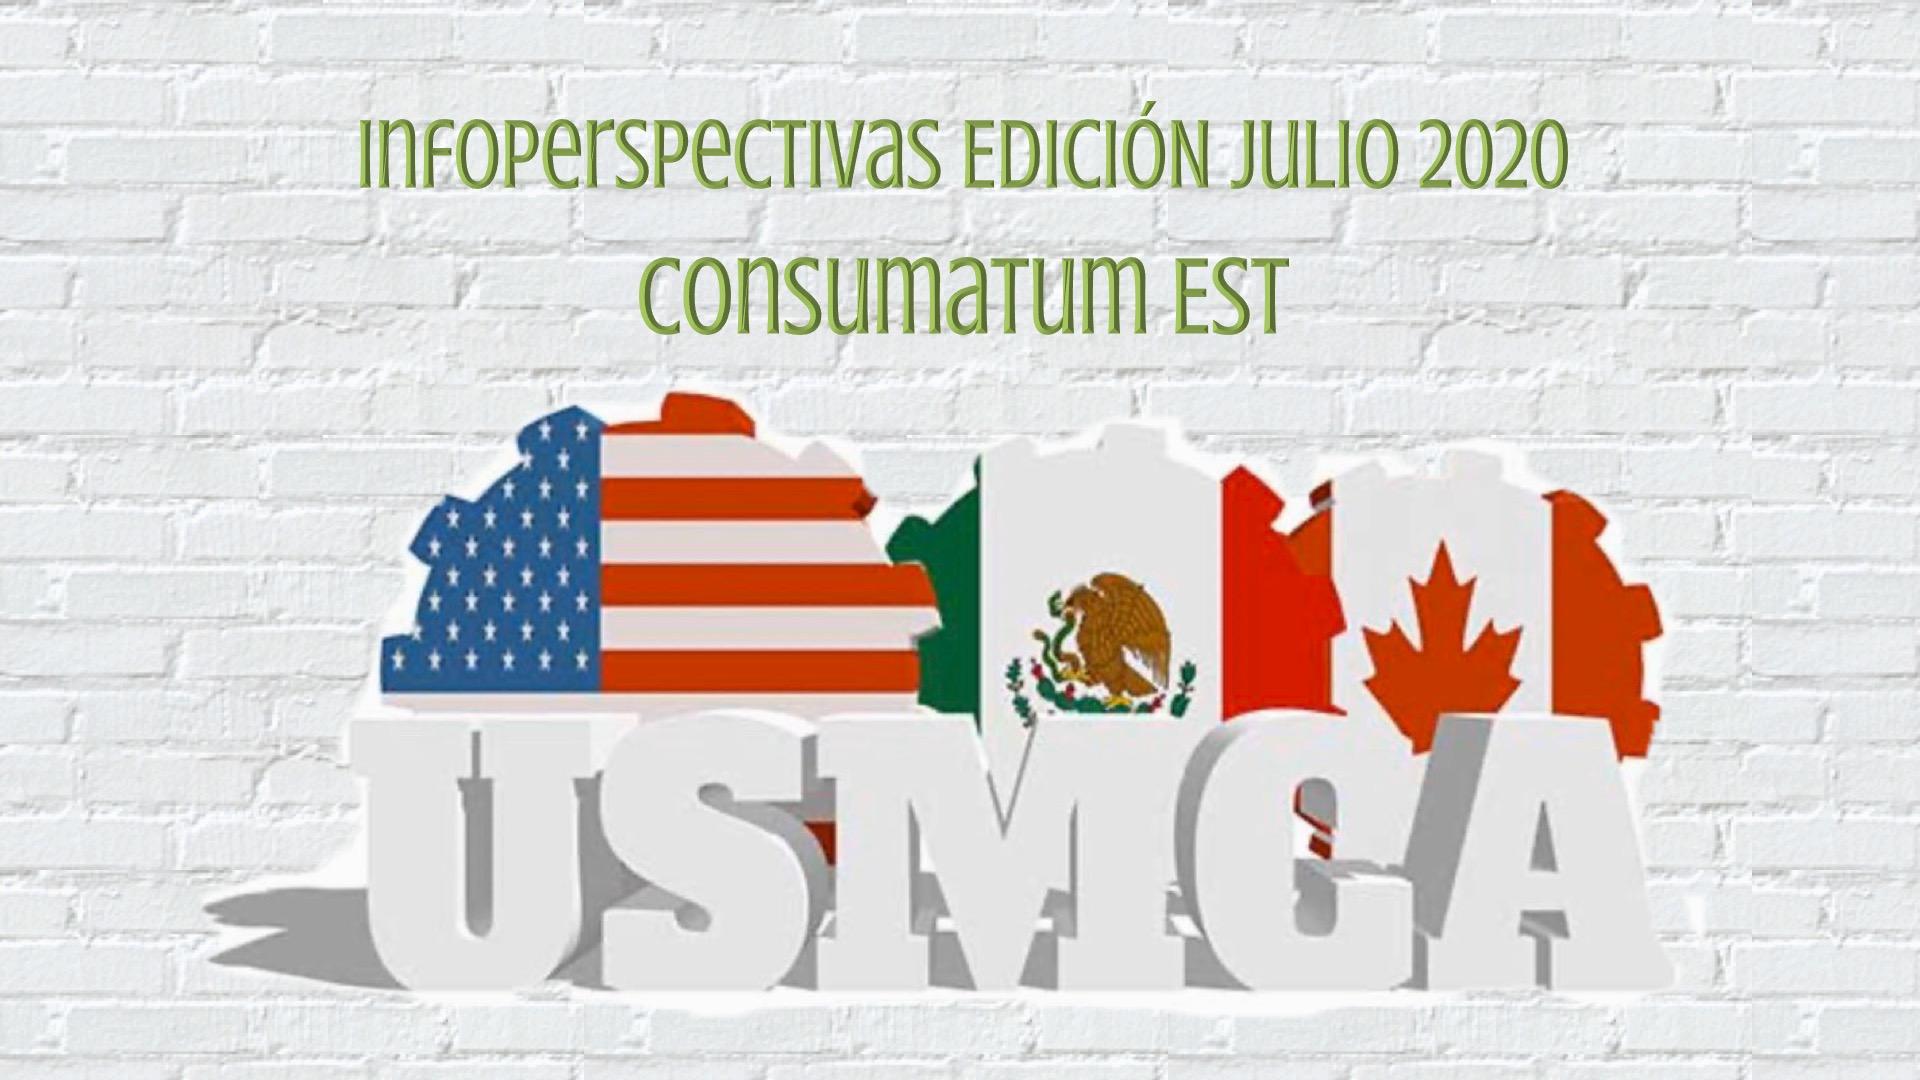 InfoPerspectivas TribuAmericas Julio 2020 USMCA Consumatum Est